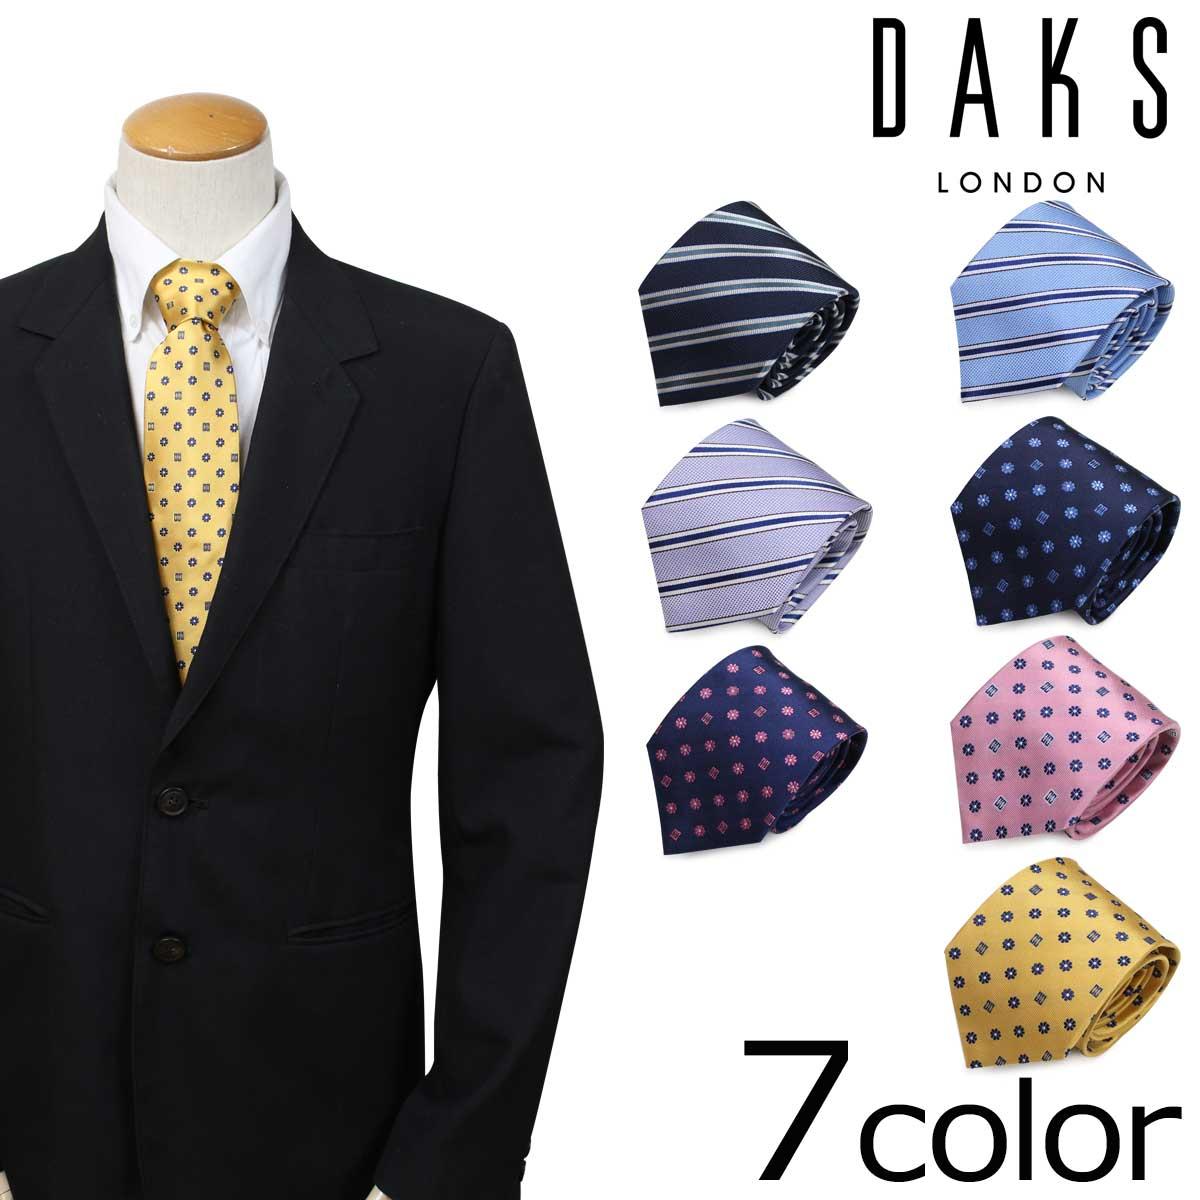 DAKS ダックス ネクタイ イタリア製 シルク ビジネス 結婚式 メンズ [4/17 追加入荷]